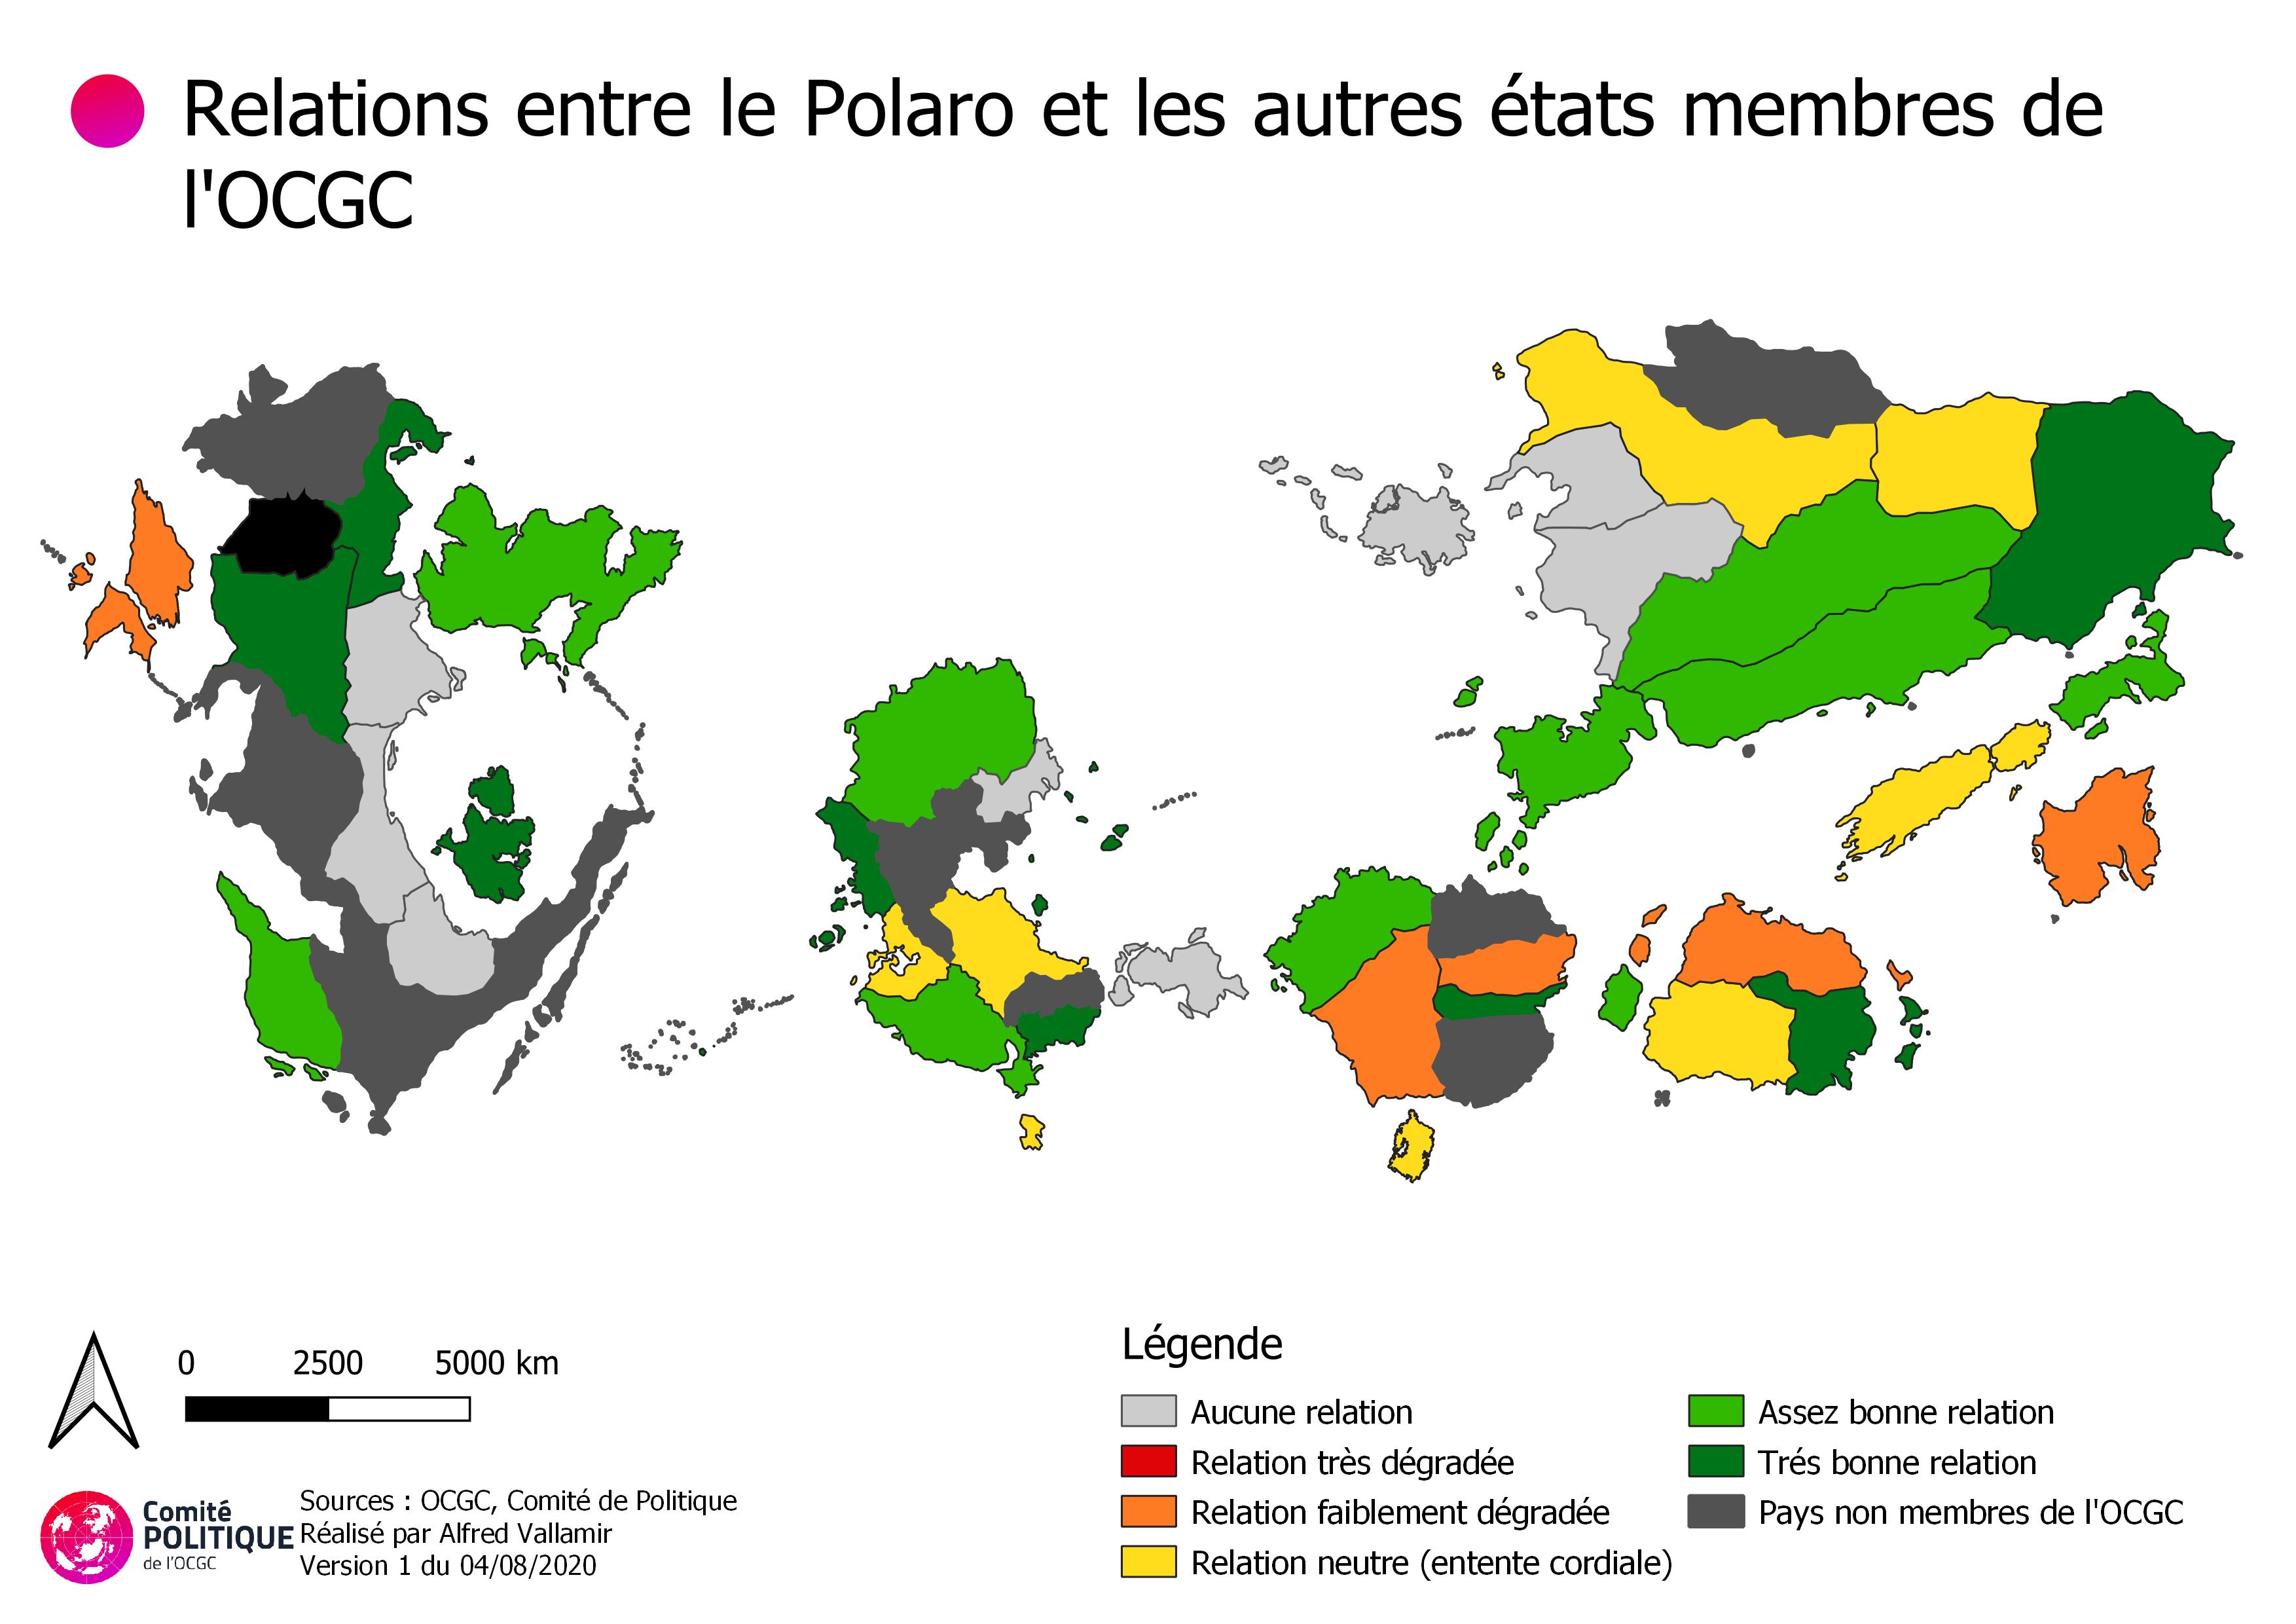 Atlas du comité de politique - L'édition 2021 disponible ! - Page 4 ComPol_Rel_Bil_Polaro